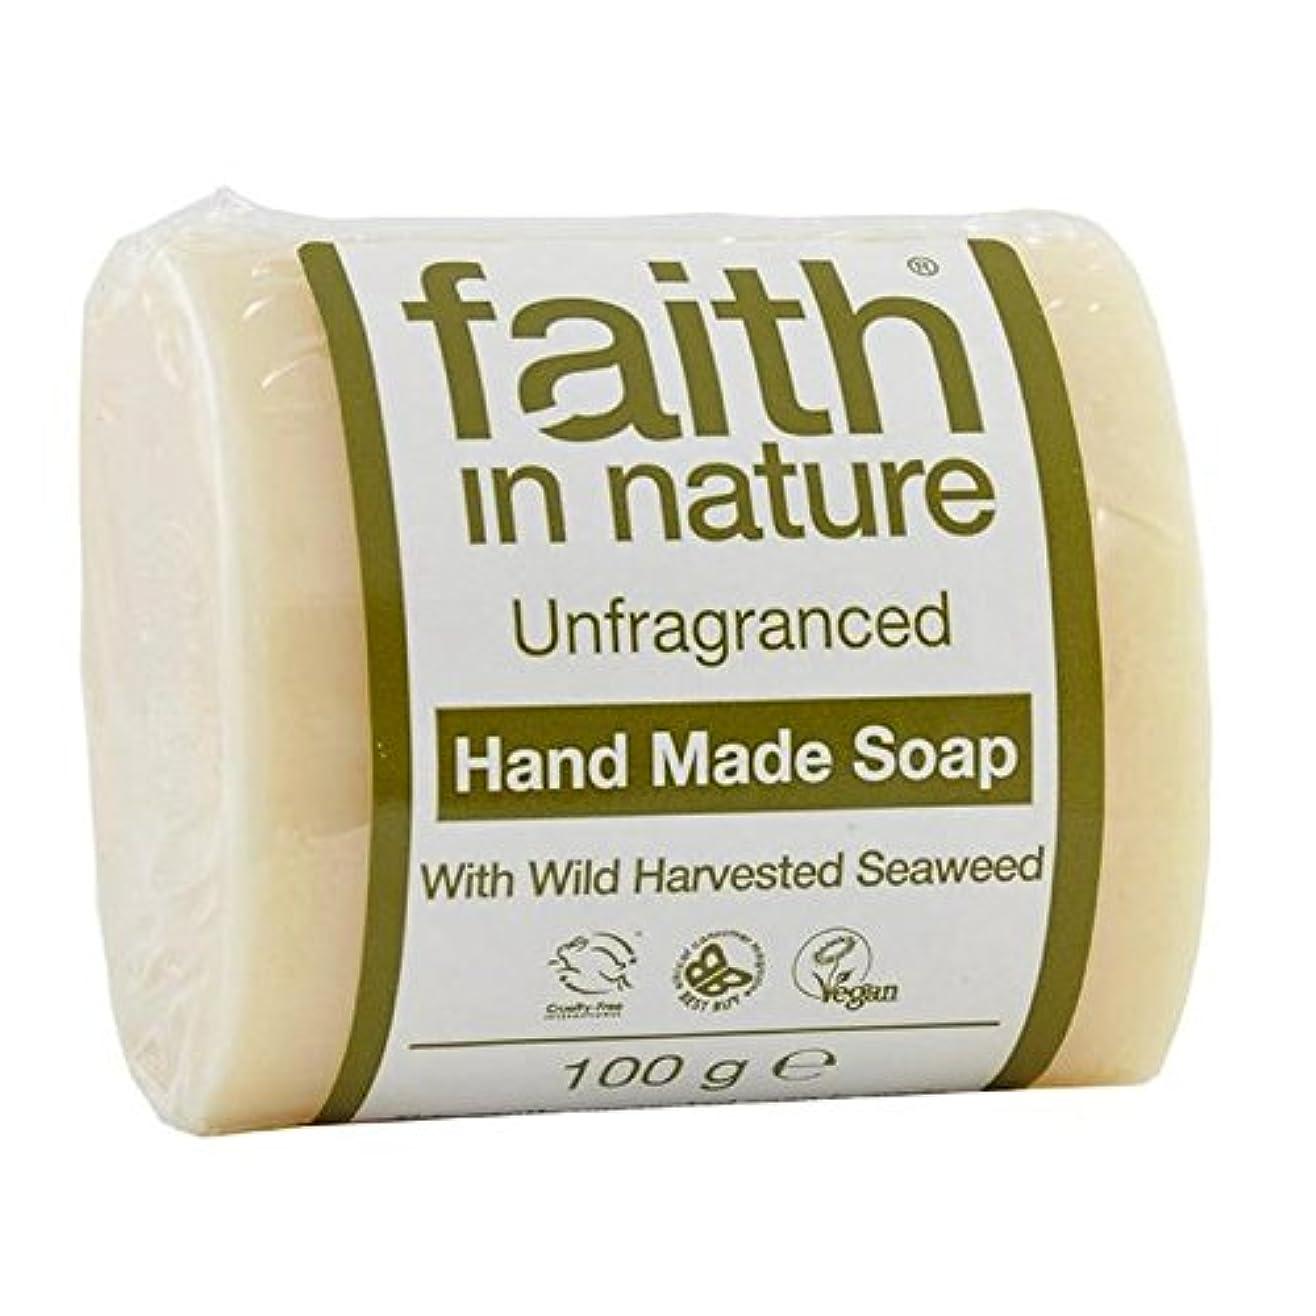 引く箱デンマーク語Faith in Nature Unfragranced Pure Hand Made Soap 100g (Pack of 2) - (Faith In Nature) 自然の中で信仰は純粋な手作り石鹸100グラムを無香料...